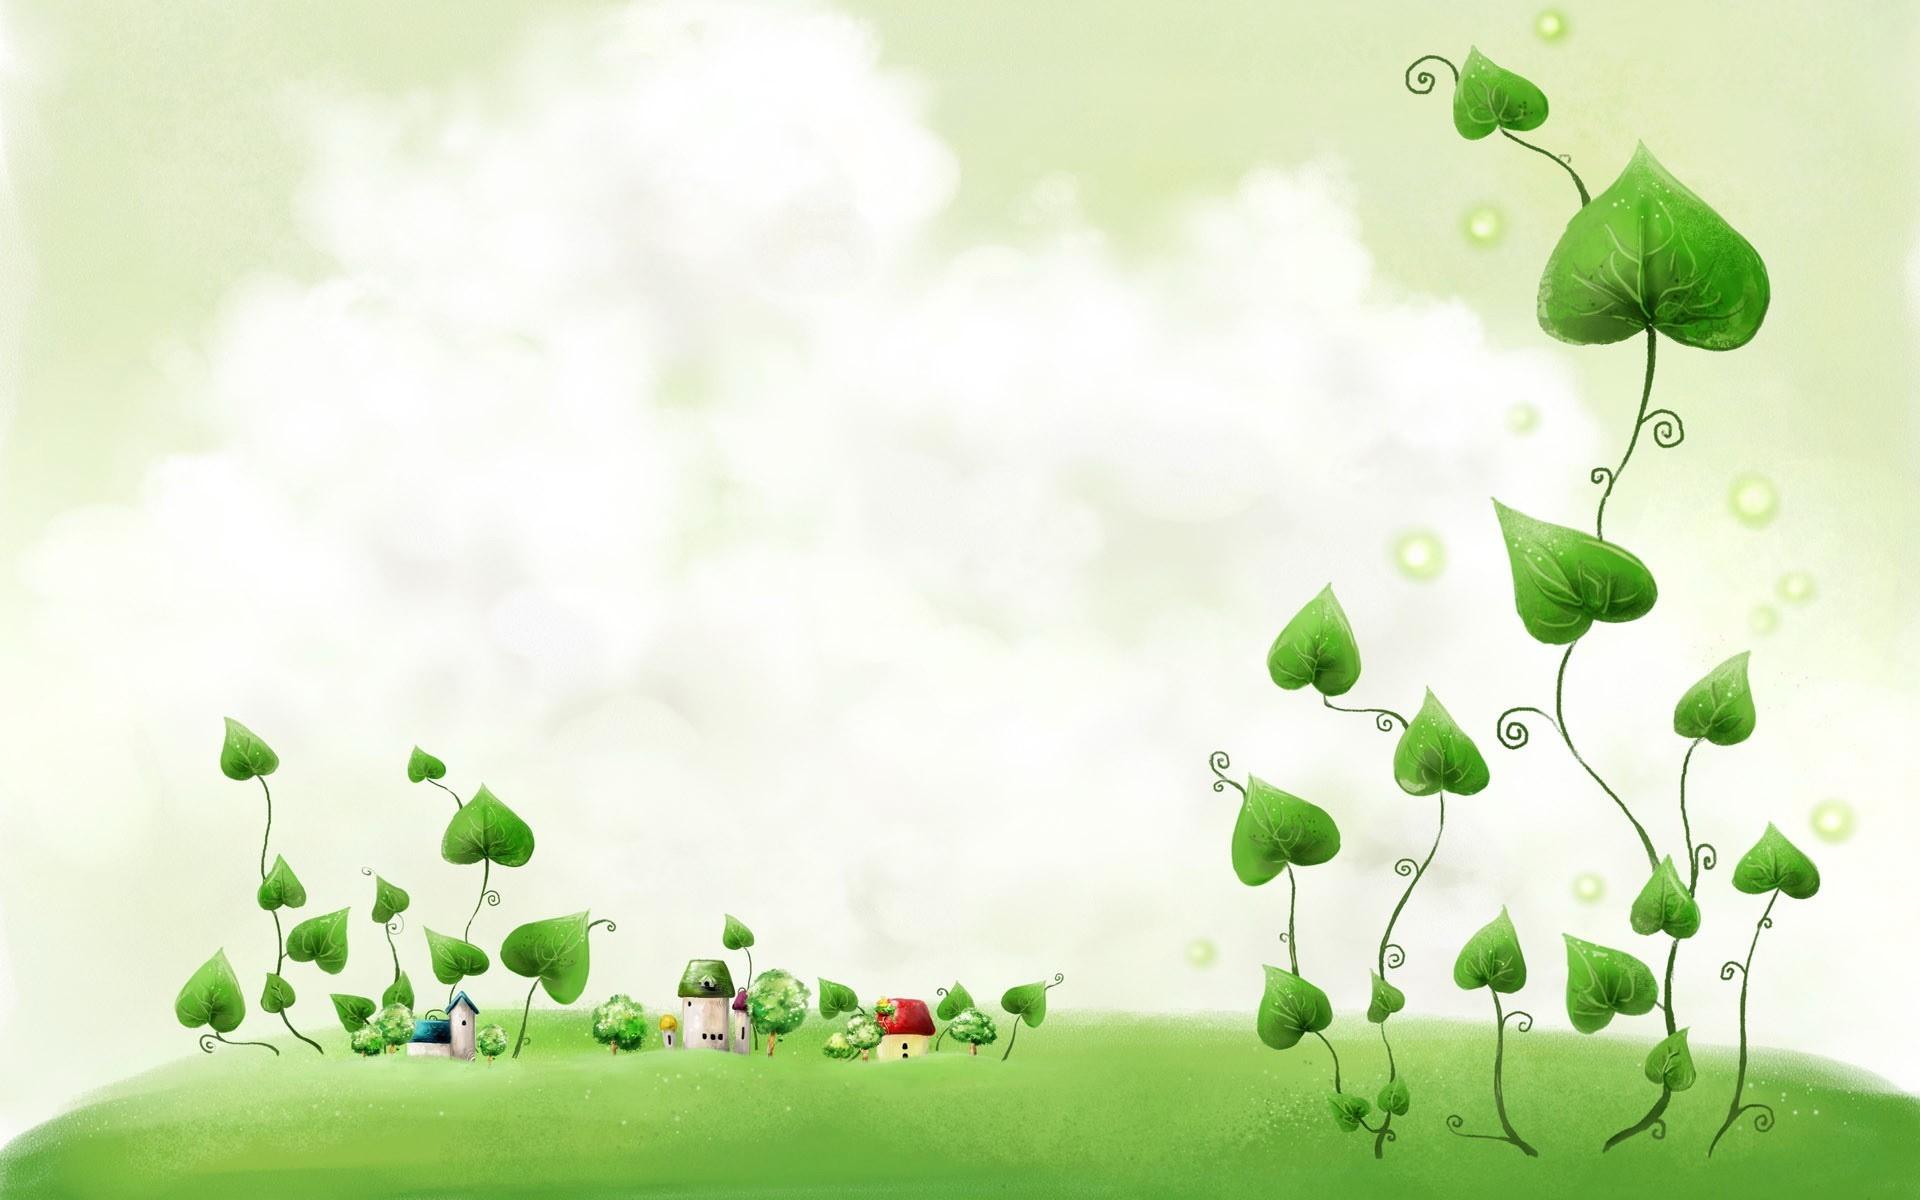 Картинки для фона на презентацию экология